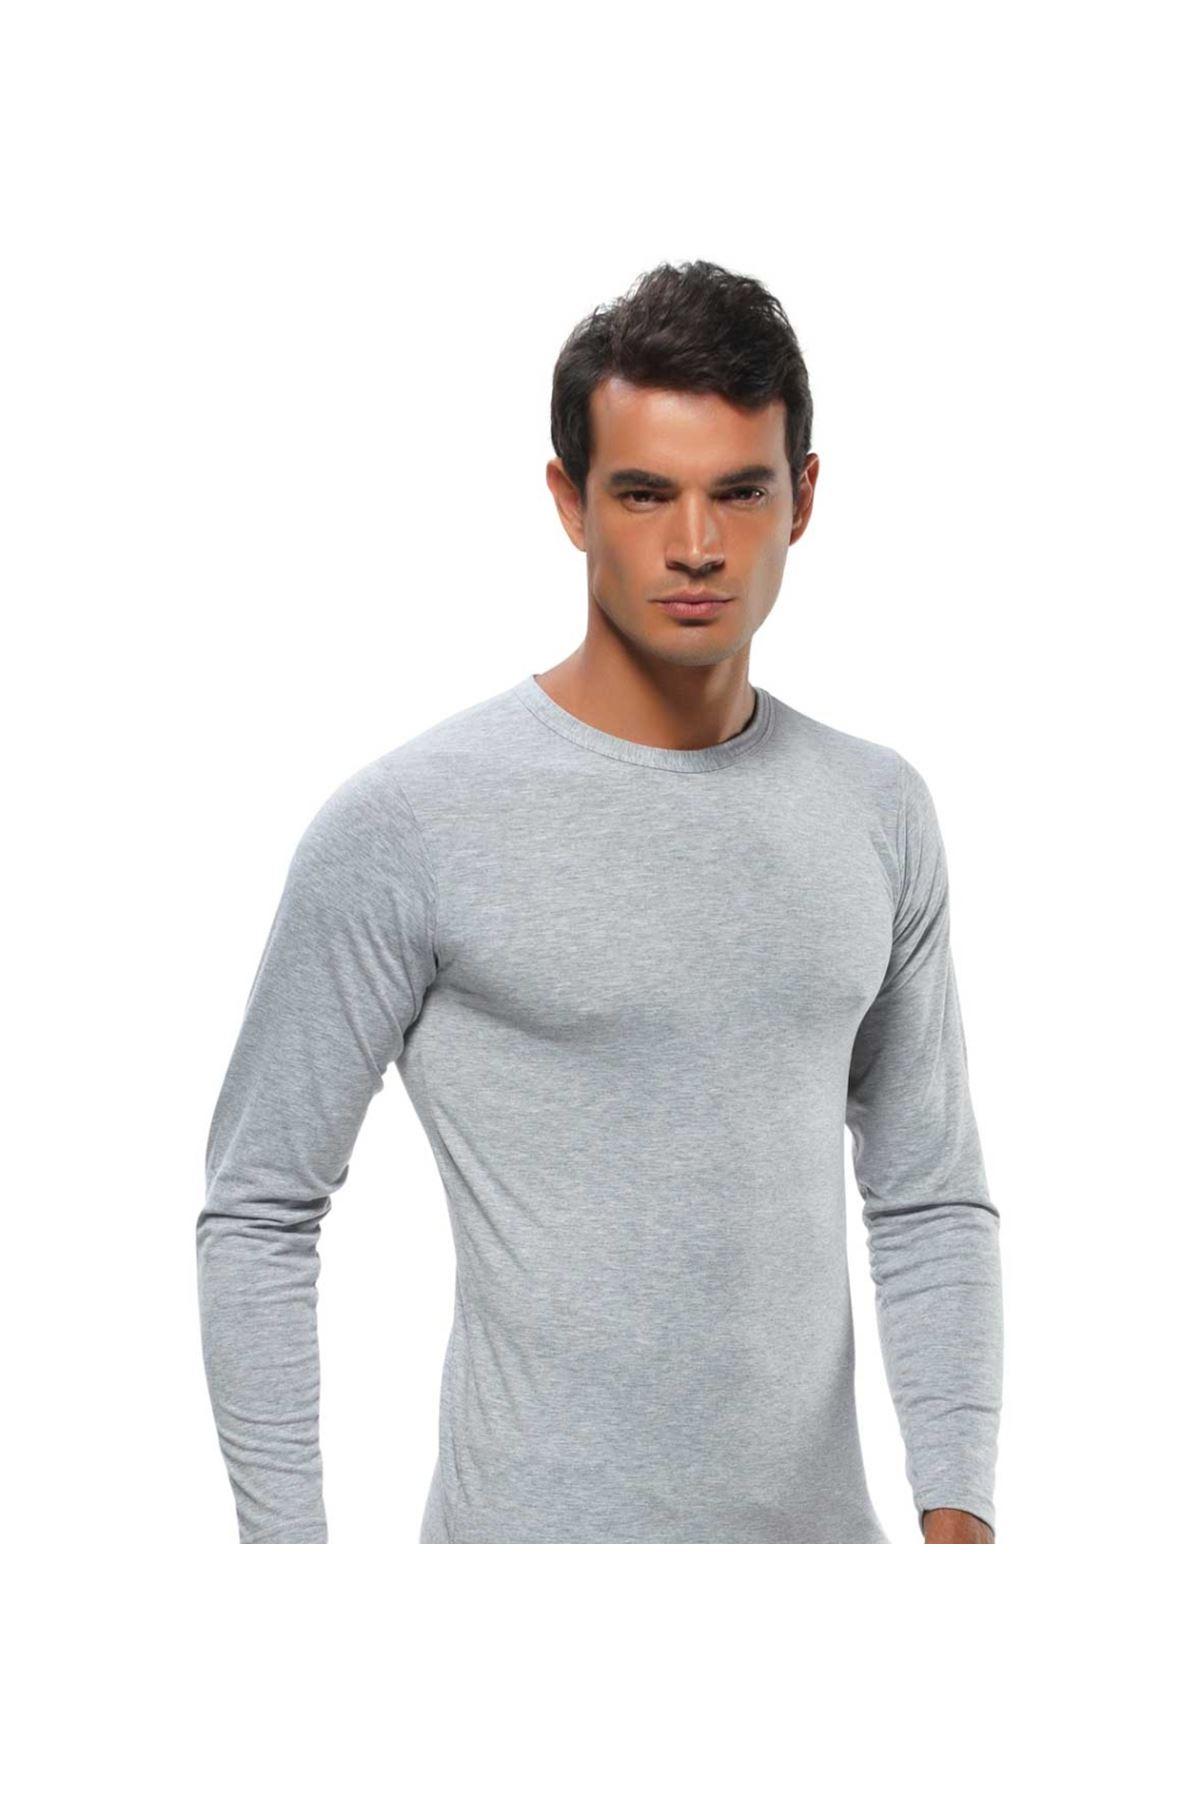 Gümüş İç Giyim Likralı Uzun Kol Erkek Fanila